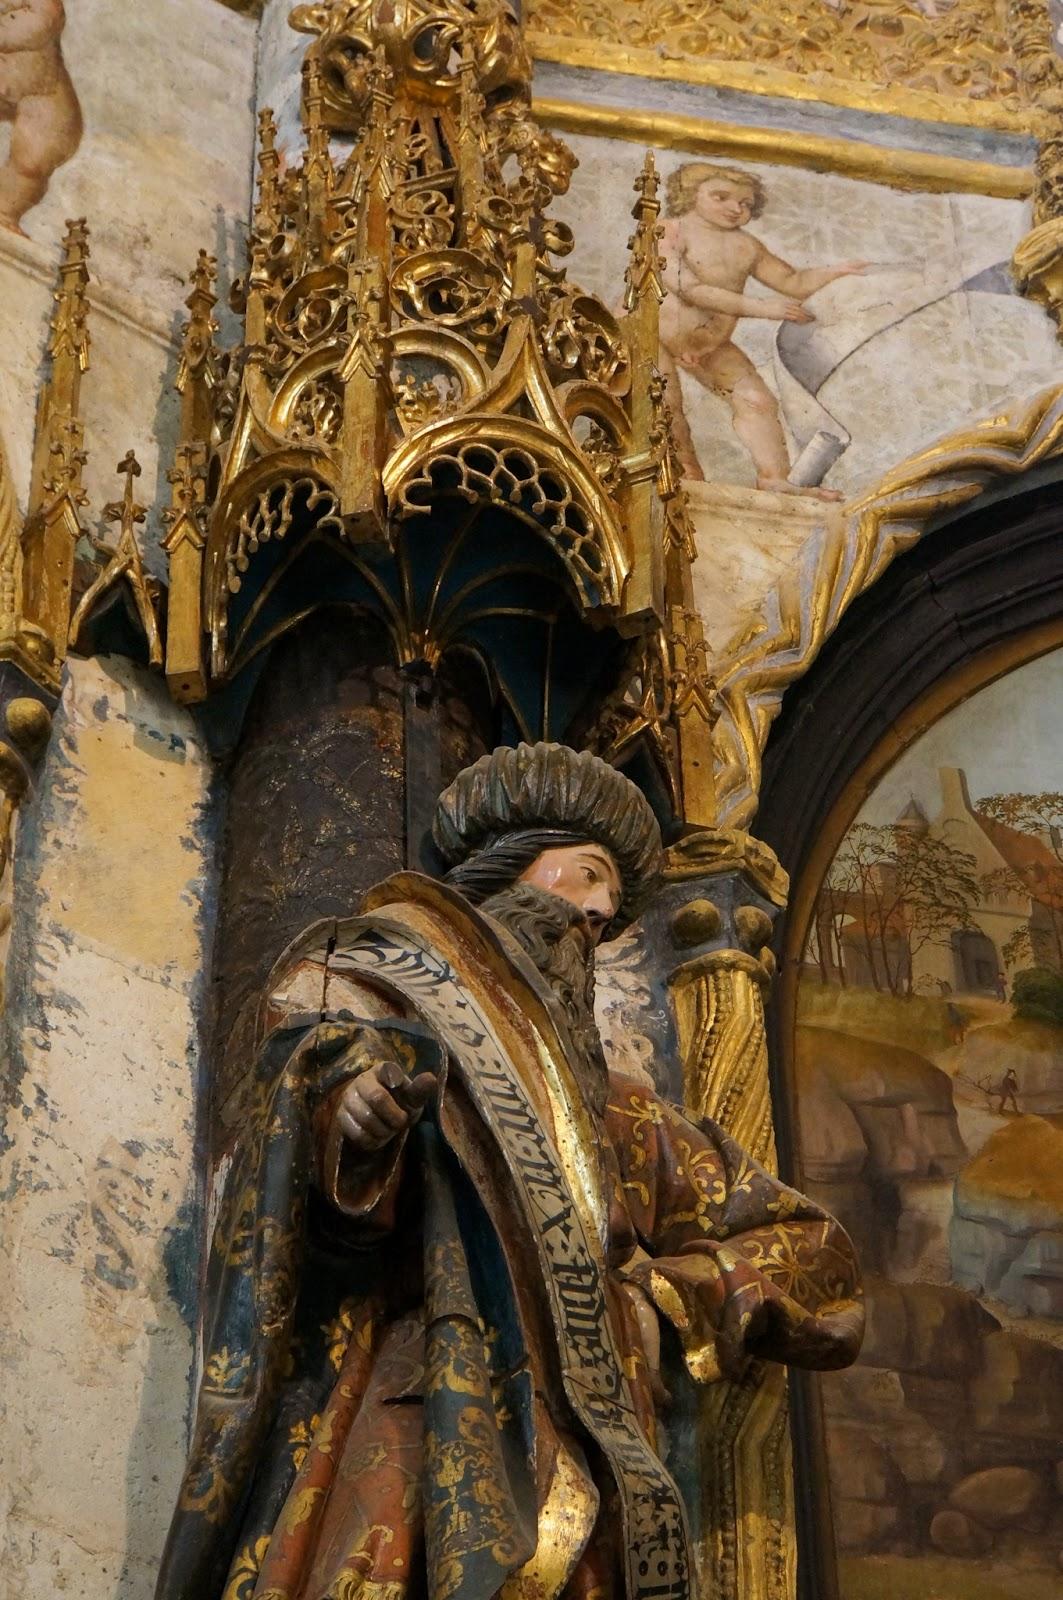 Charola - Convento do Cristo - Tomar - Portugal